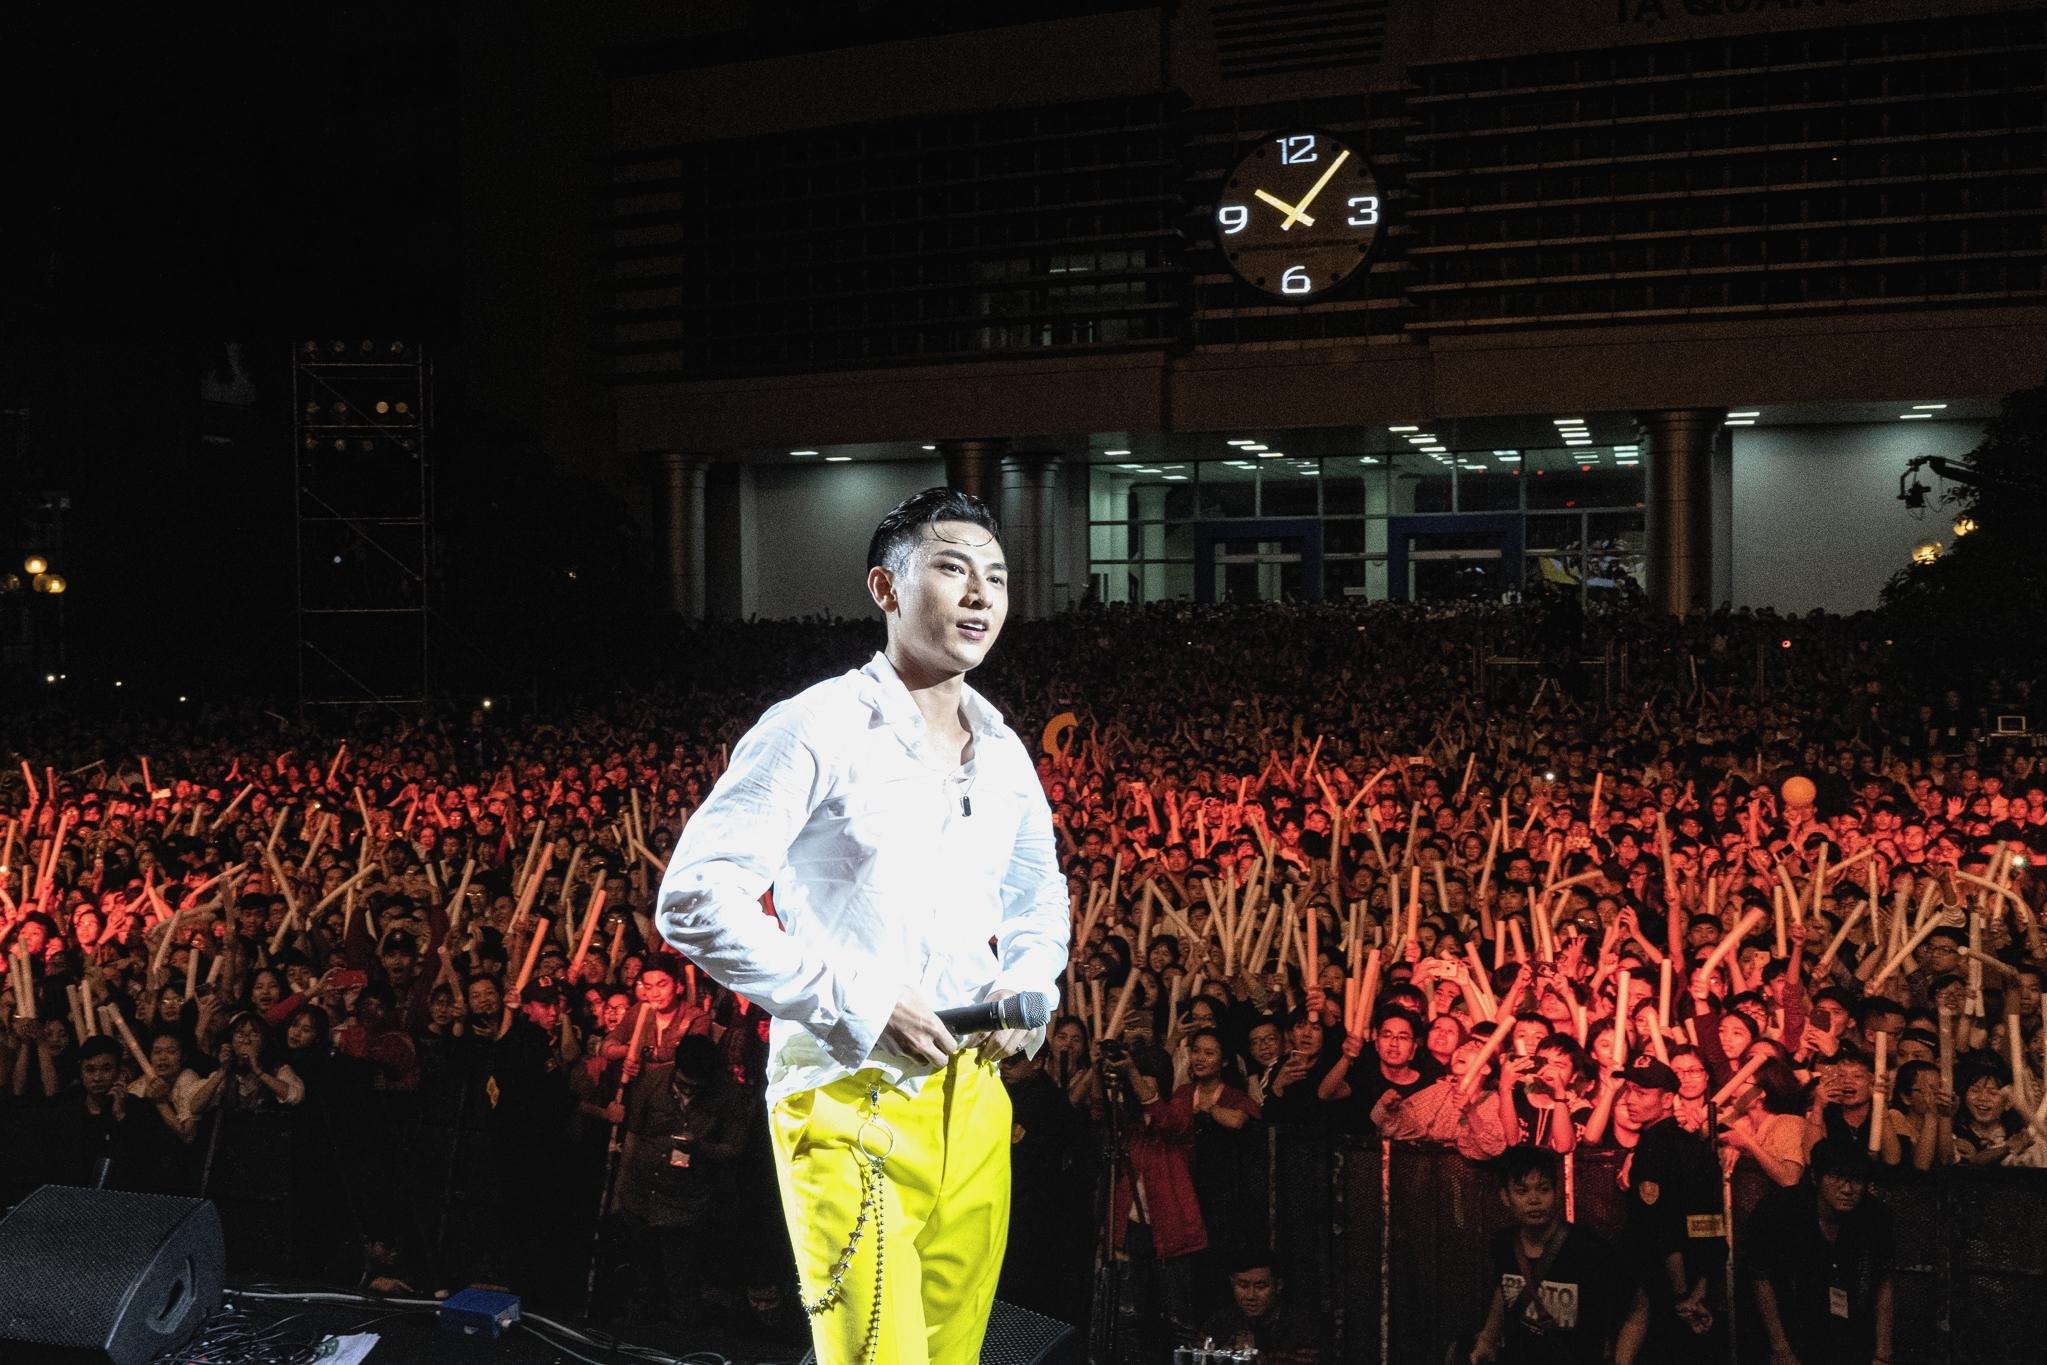 Isaac, Đen Vâu 'quẩy' ướt áo trước 40.000 sinh viên Hà Nội